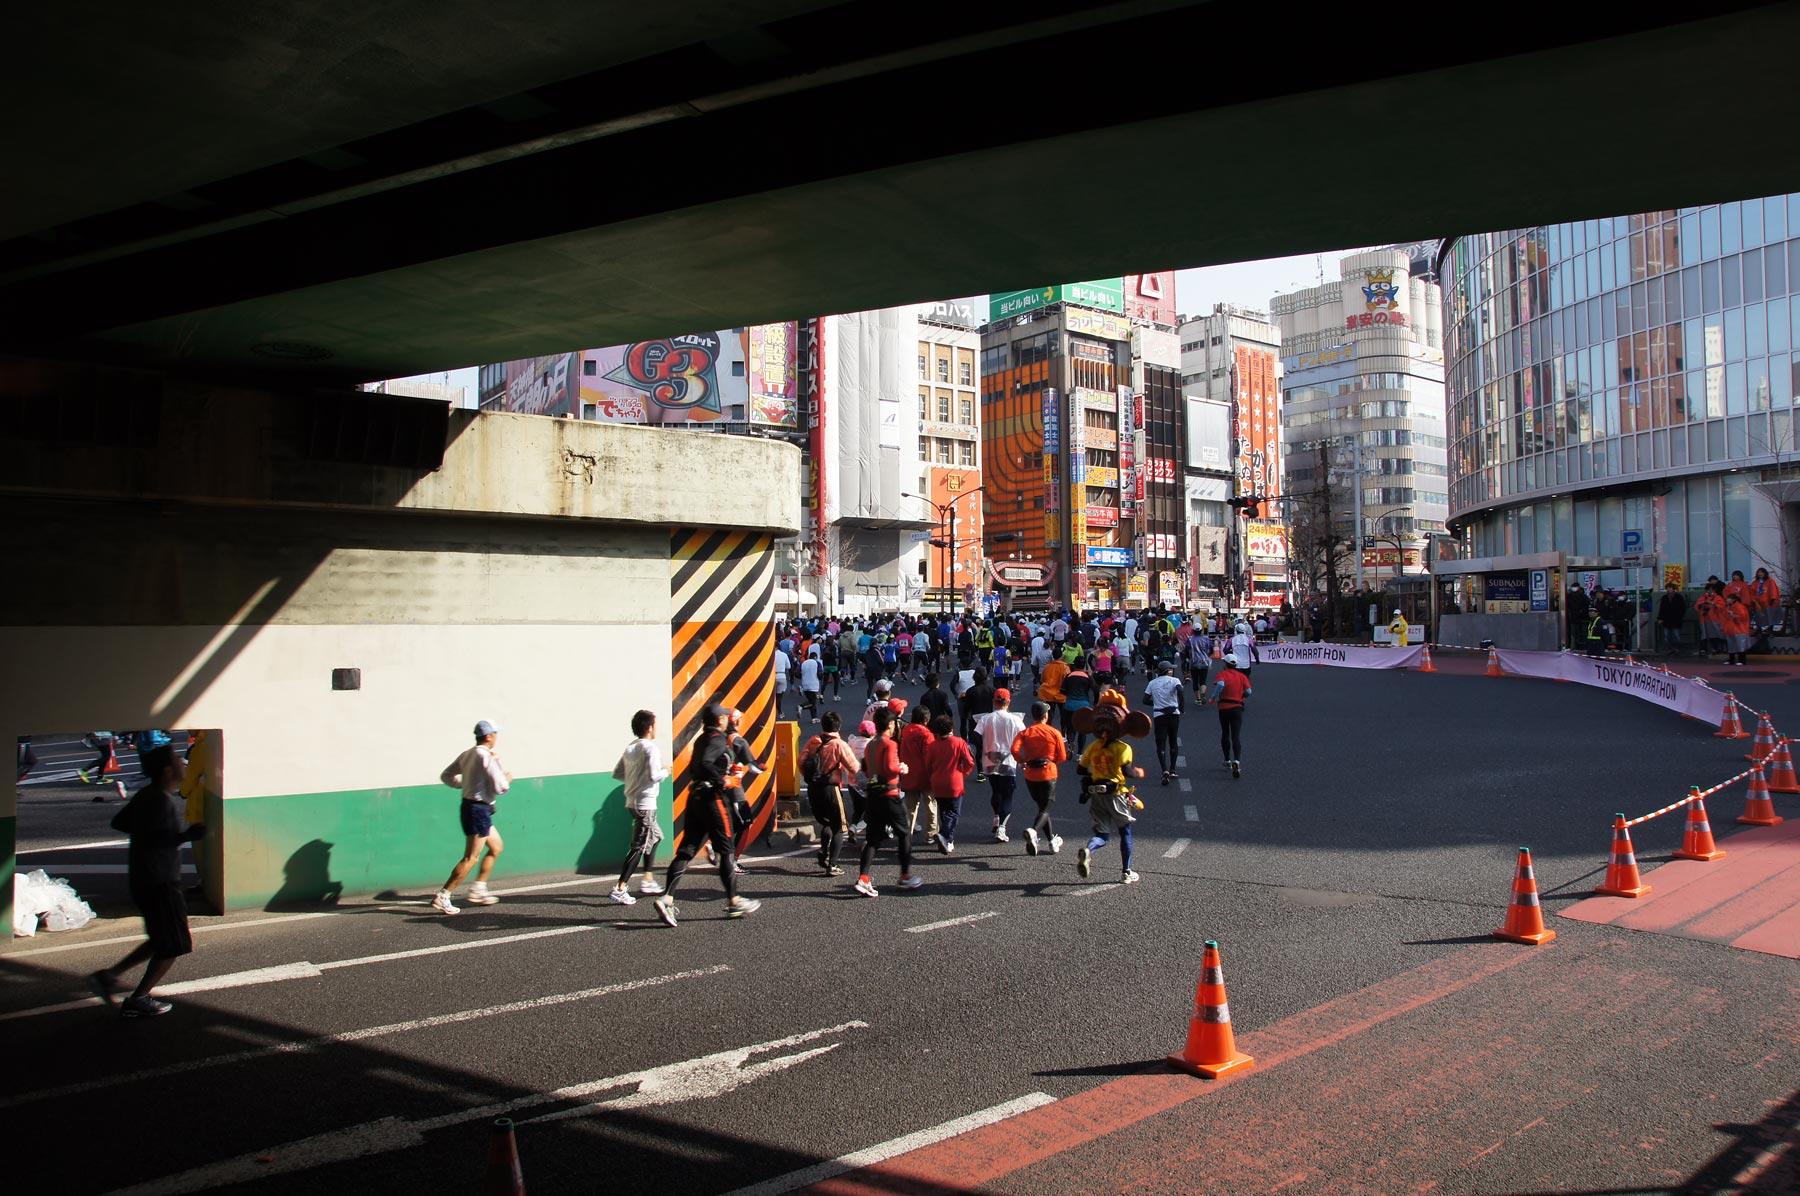 歌舞伎町 東京マラソン_e0216133_22534471.jpg